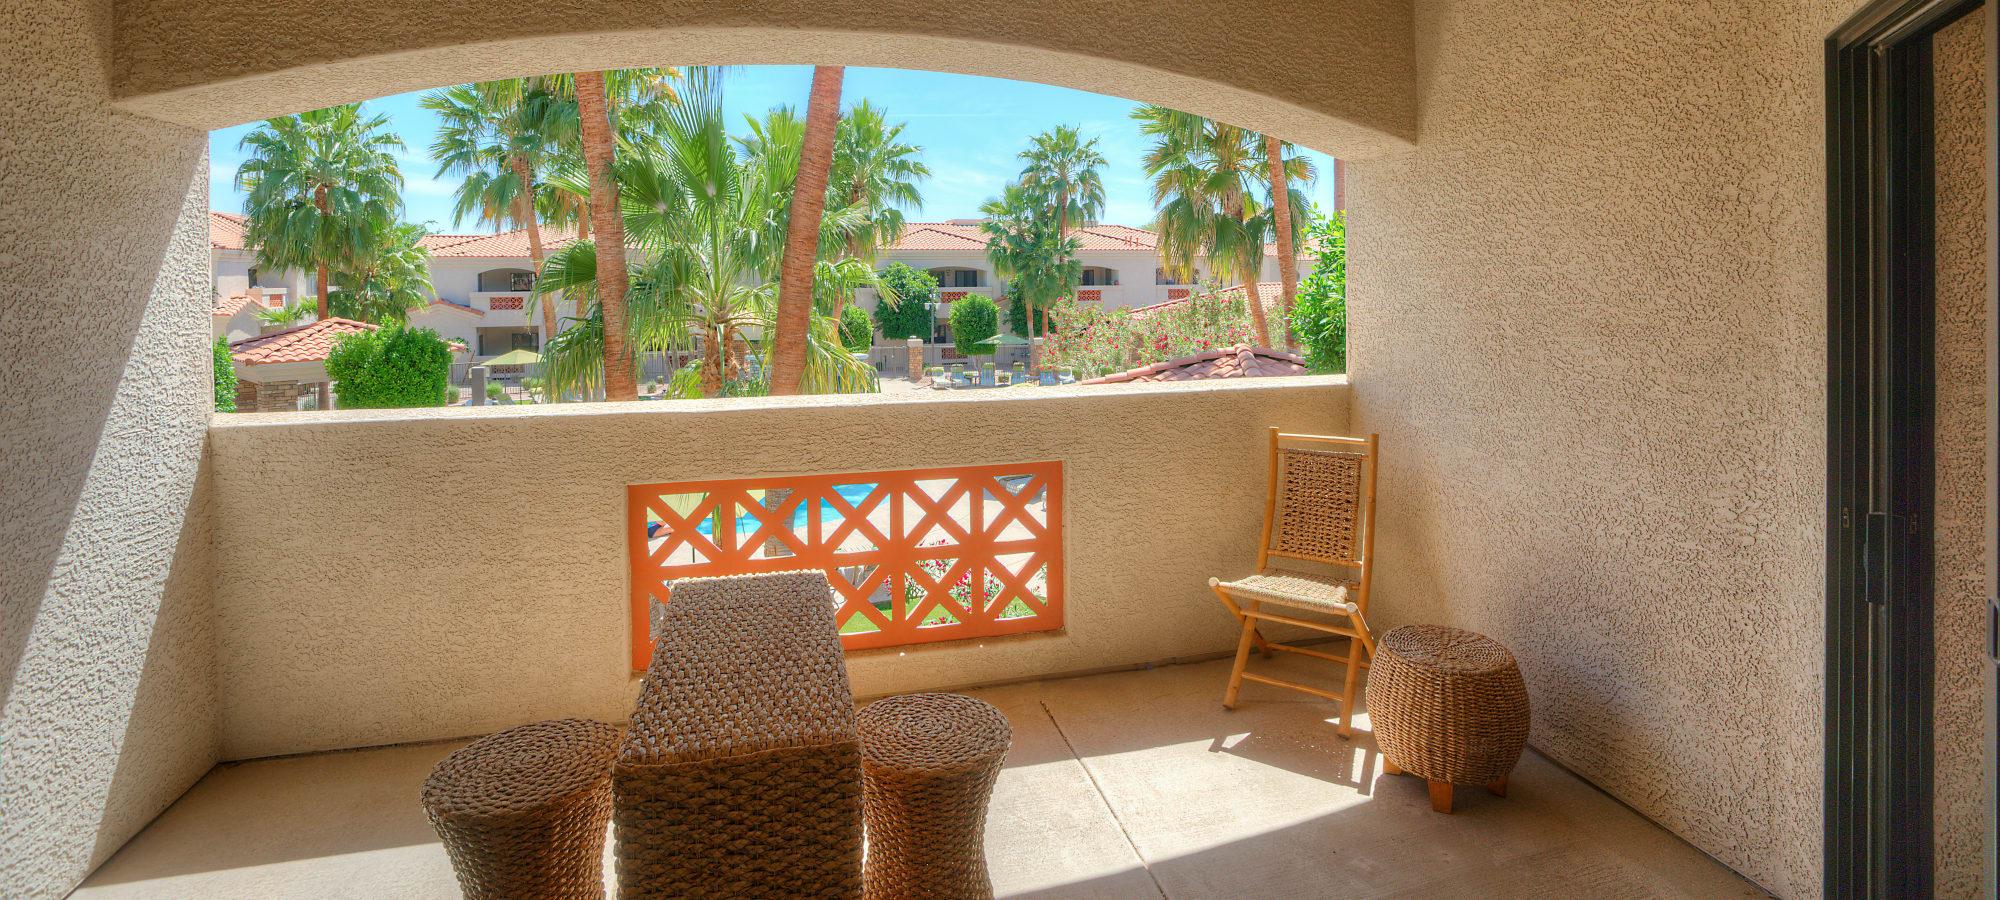 Gorgeous private patio at San Prado in Glendale, Arizona